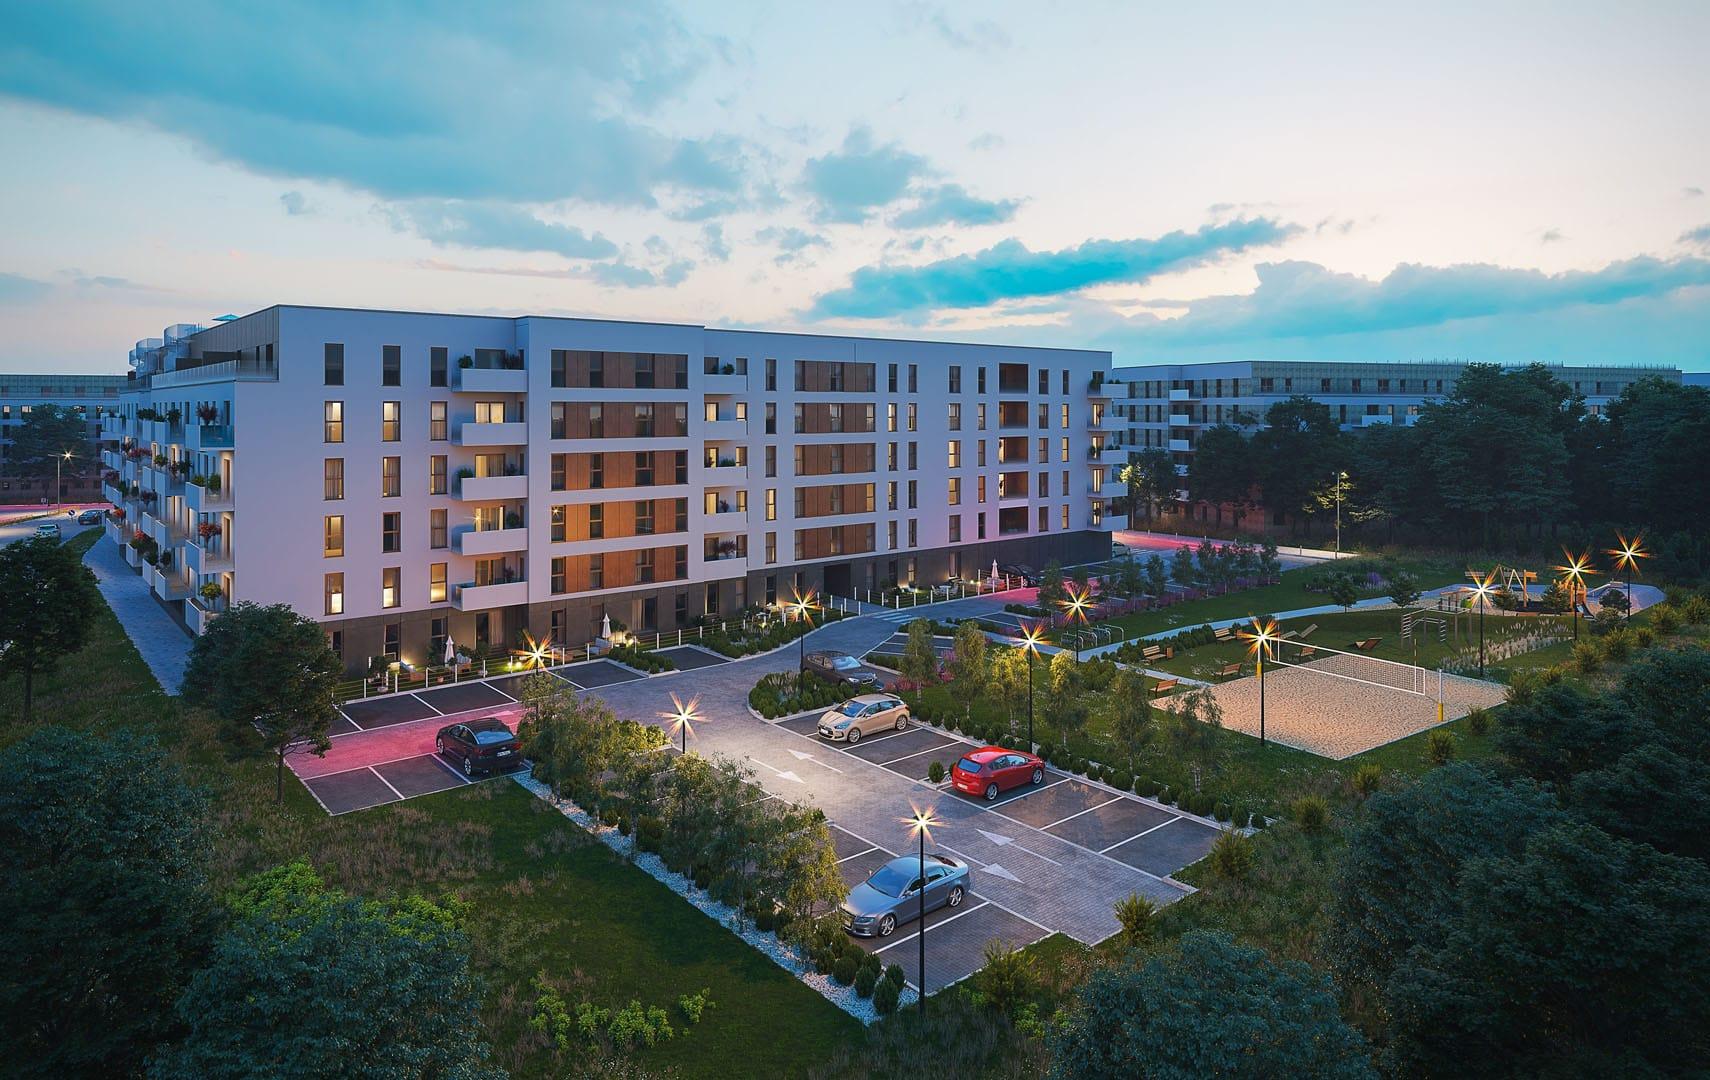 Soleil de Malta Budynek mieszkalny wielorodzinny Bouygues Immobilier Polska Poznań Widok z lotu ptaka Parking